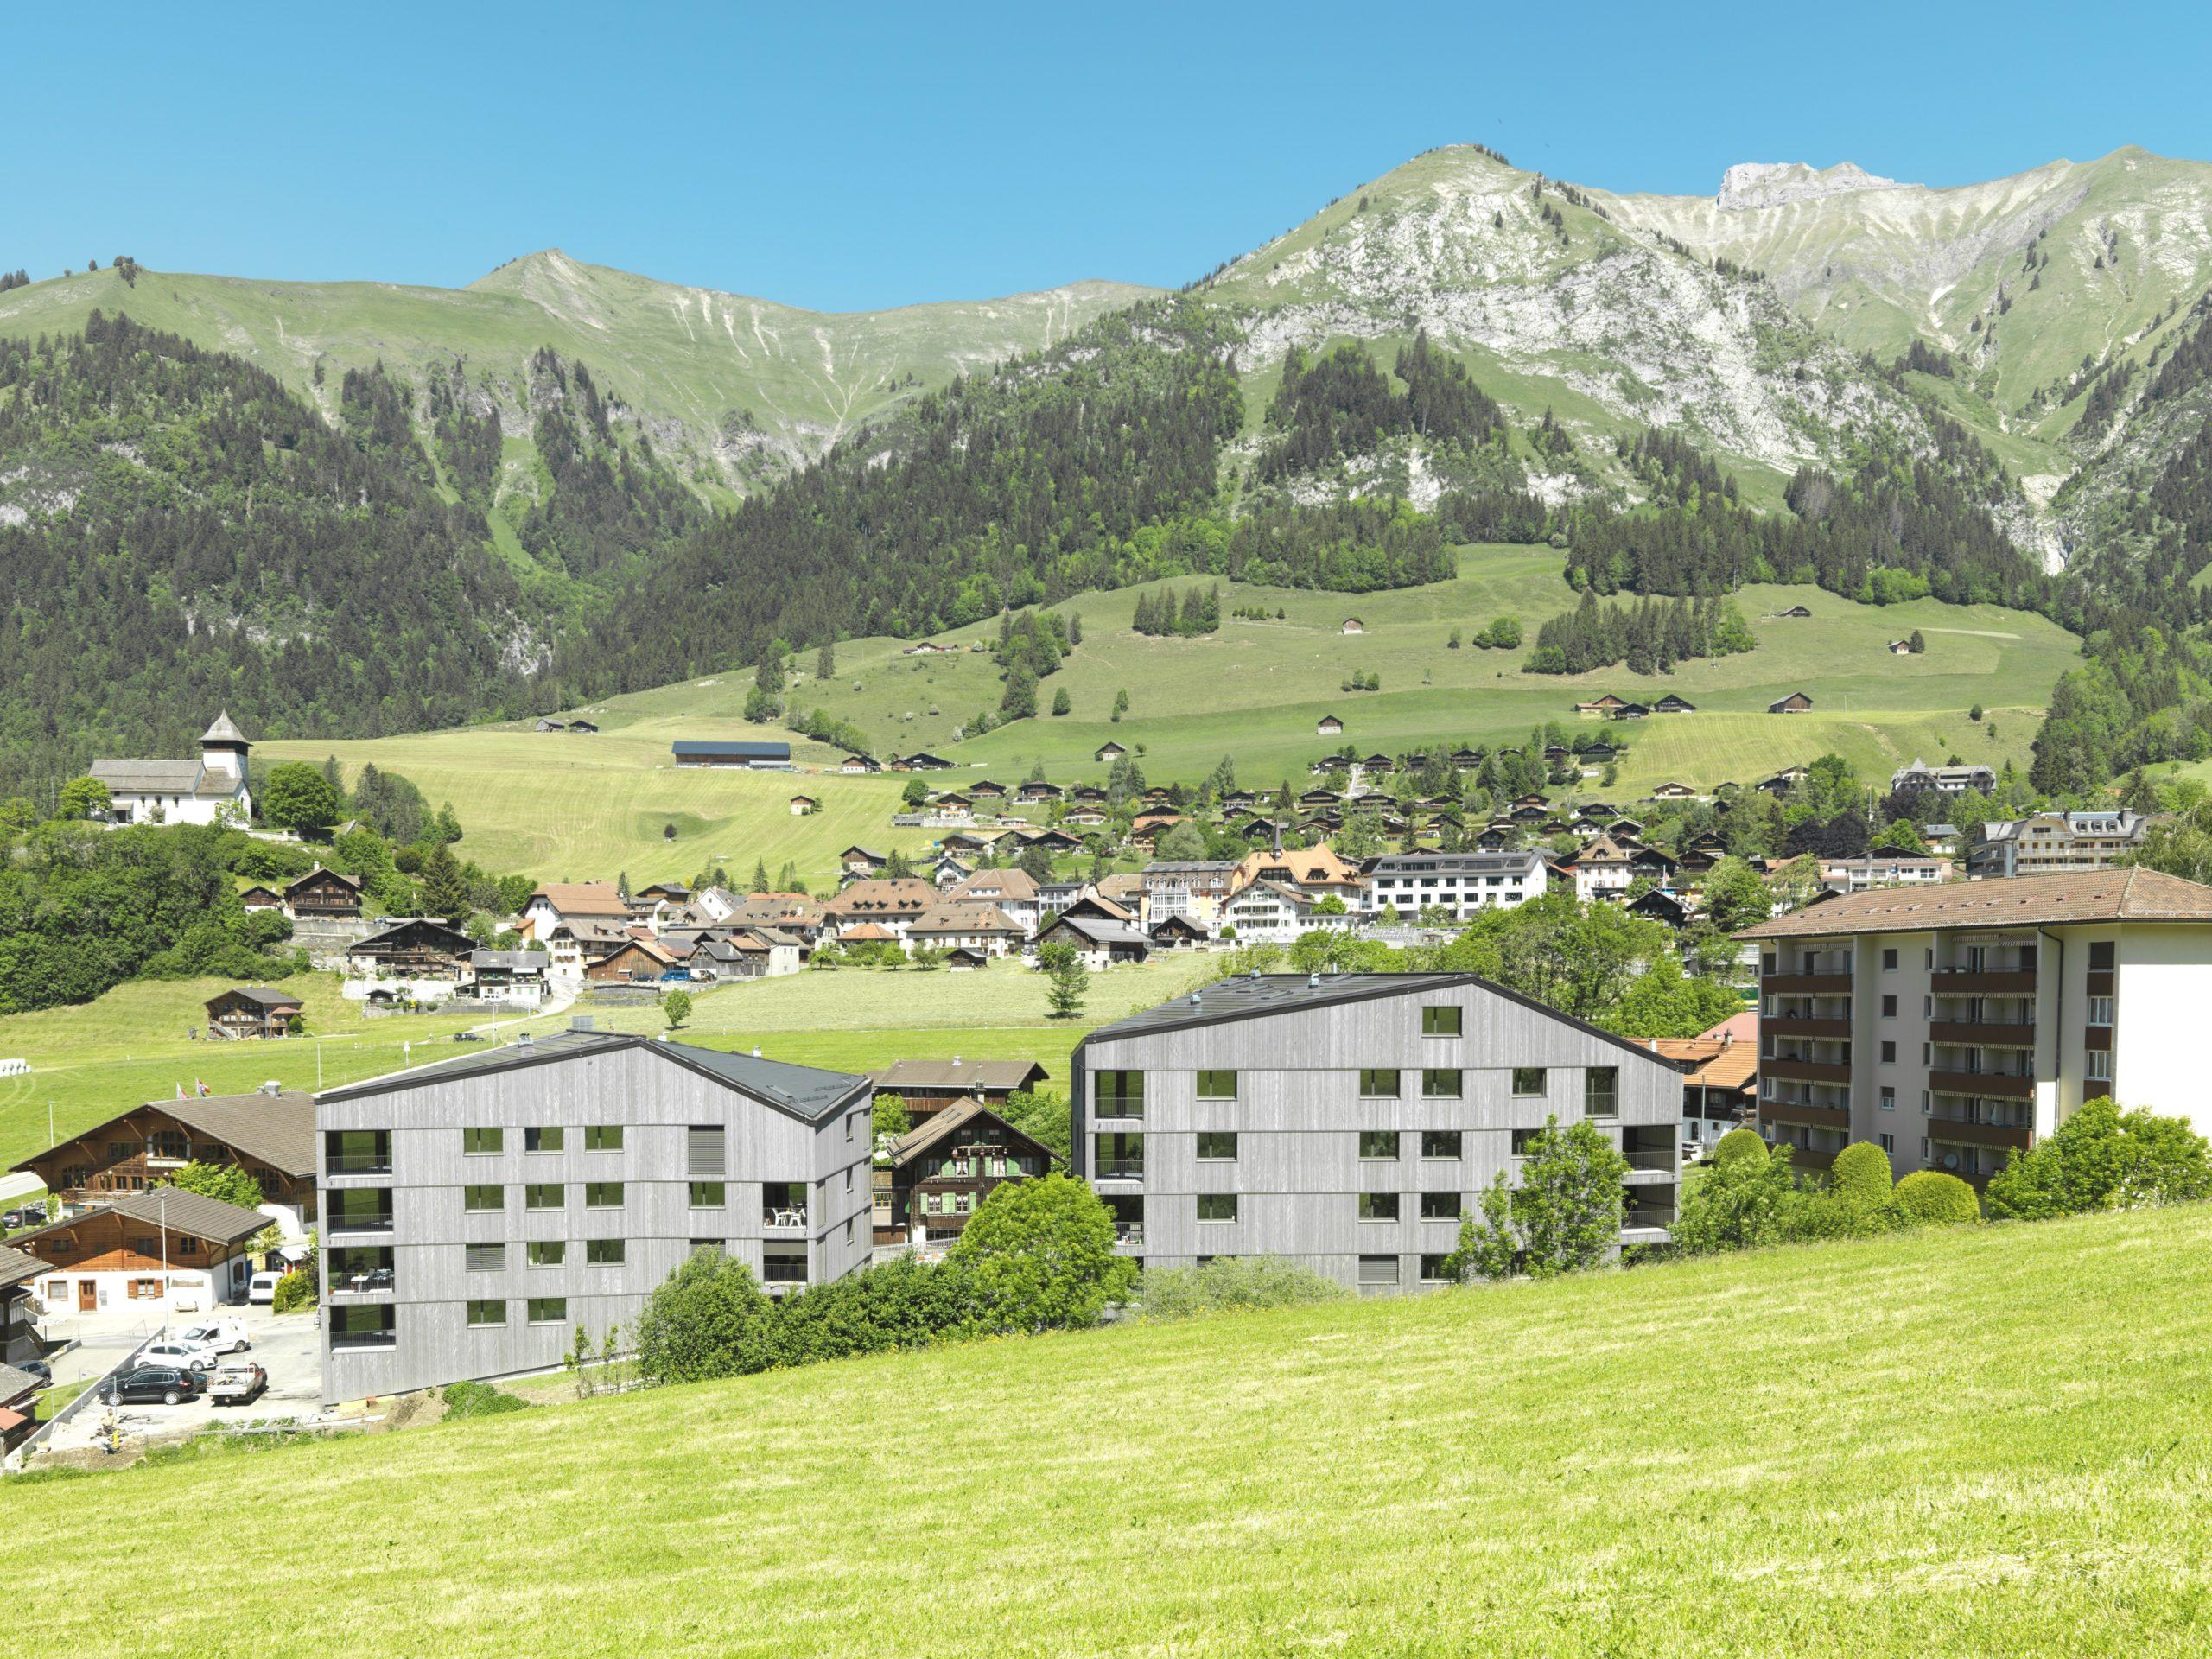 Château-d'Œx, Les Monnaires: les deux bâtiments totalisant 33 logements et un espace communautaire se sont achevés au début de l'été.